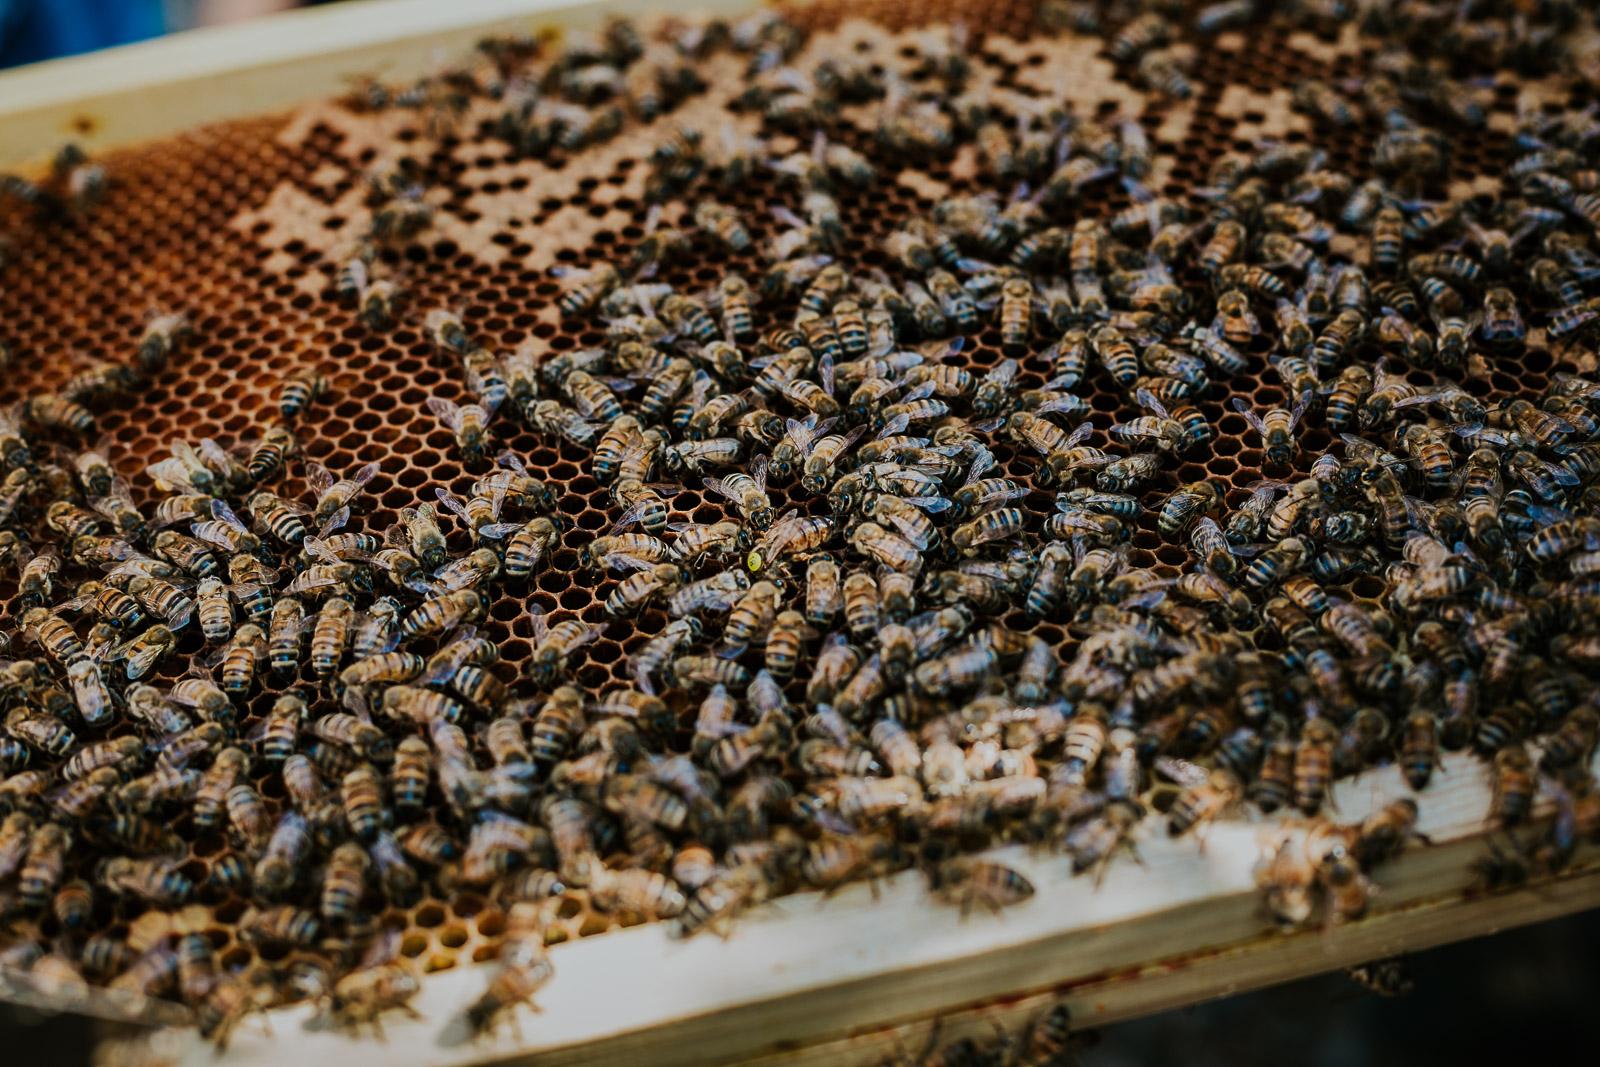 bd-bees-22